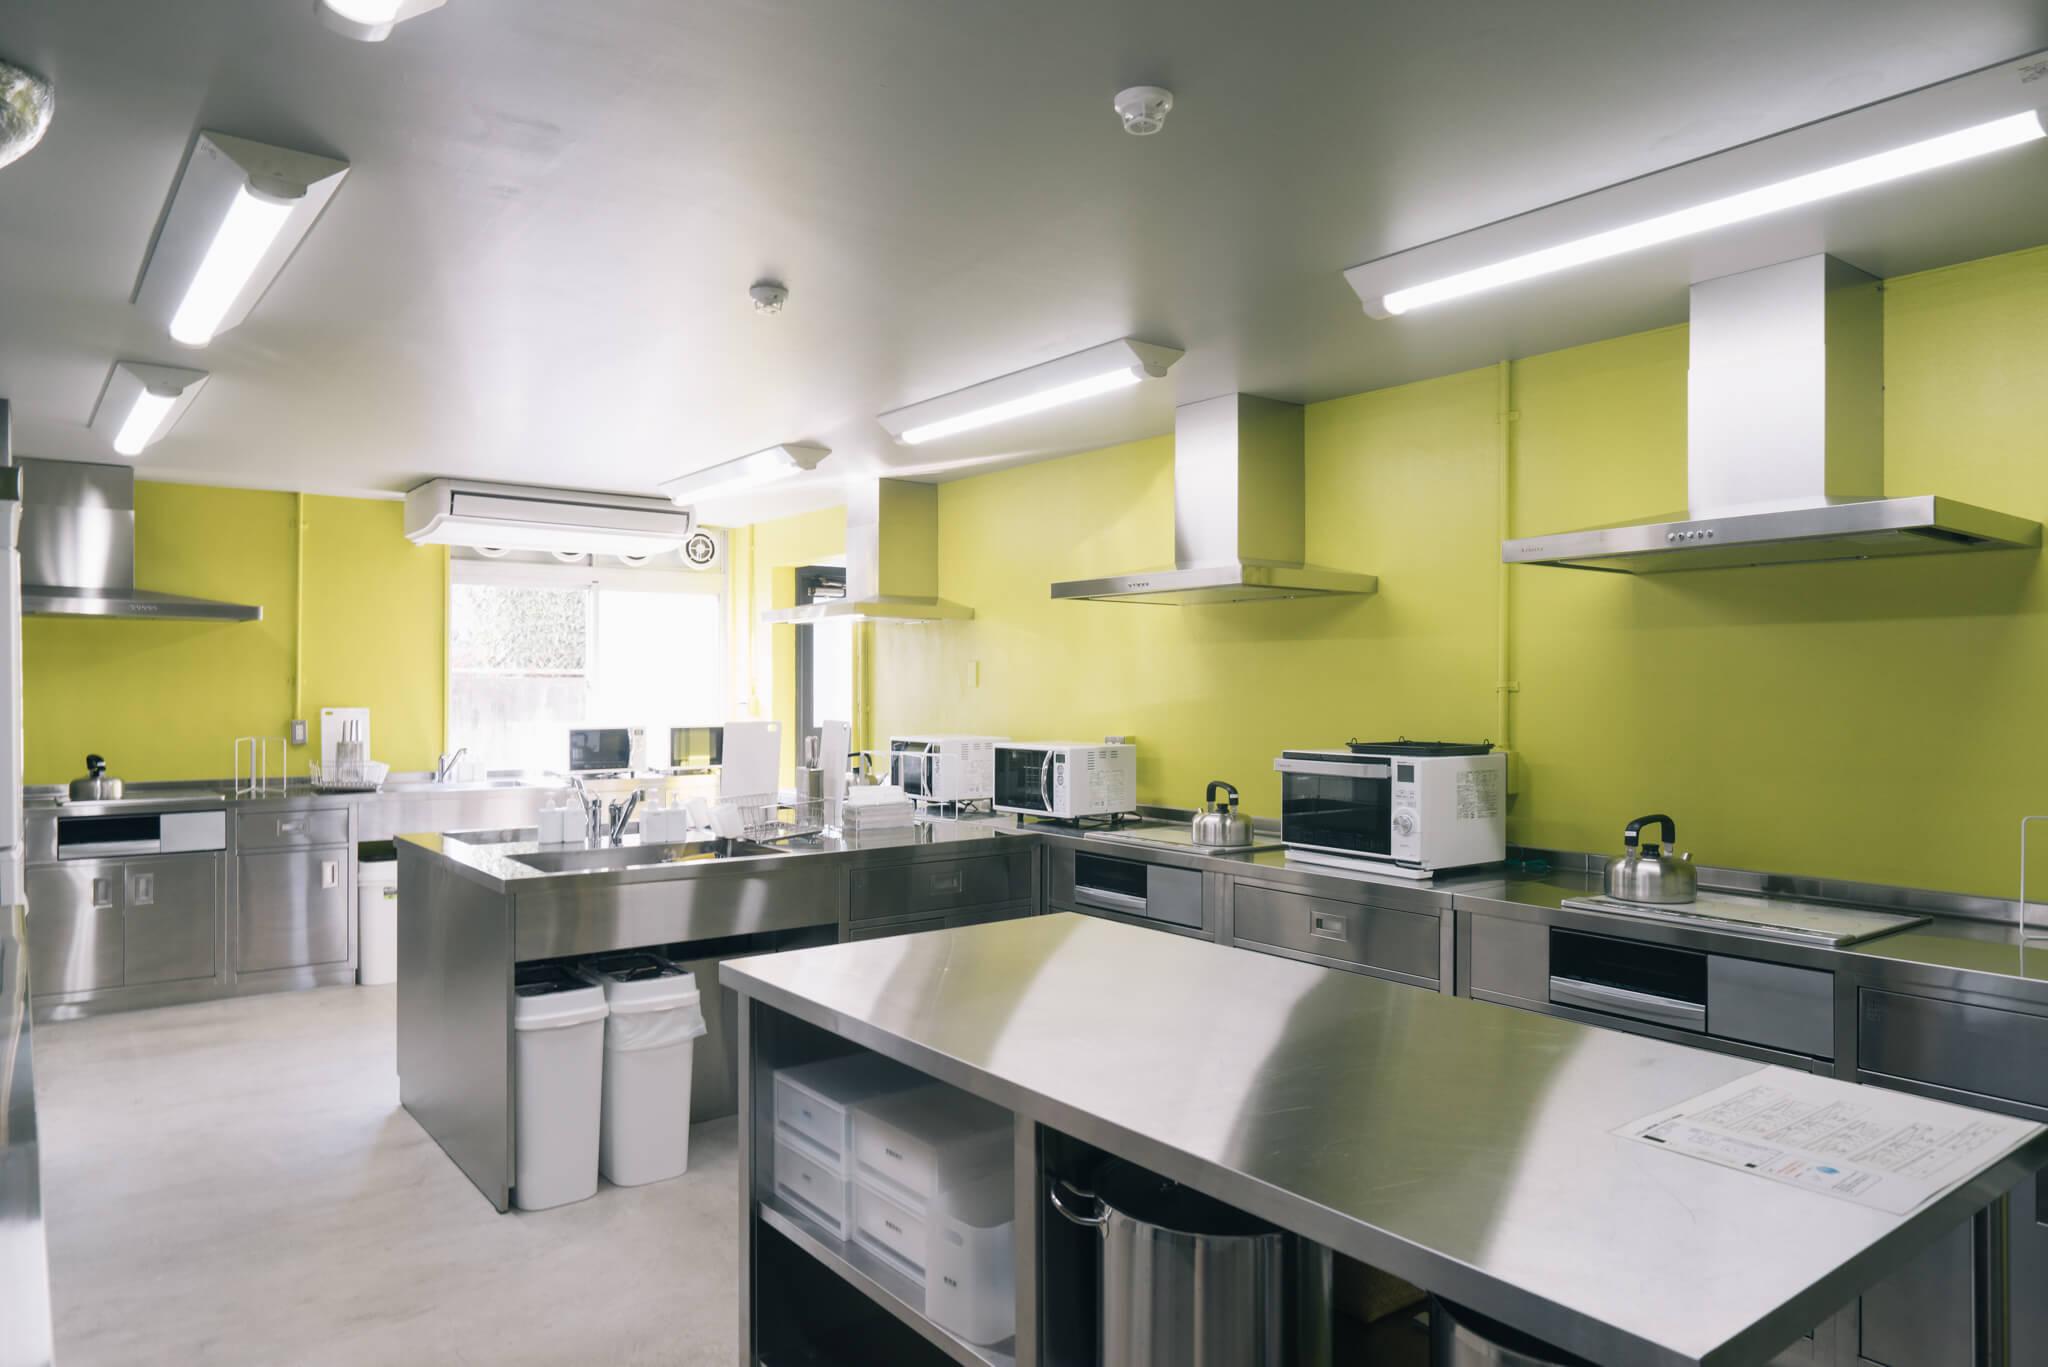 リビング・ダイニングの隣にある厨房みたいなキッチン。作業台、シンクも広々。